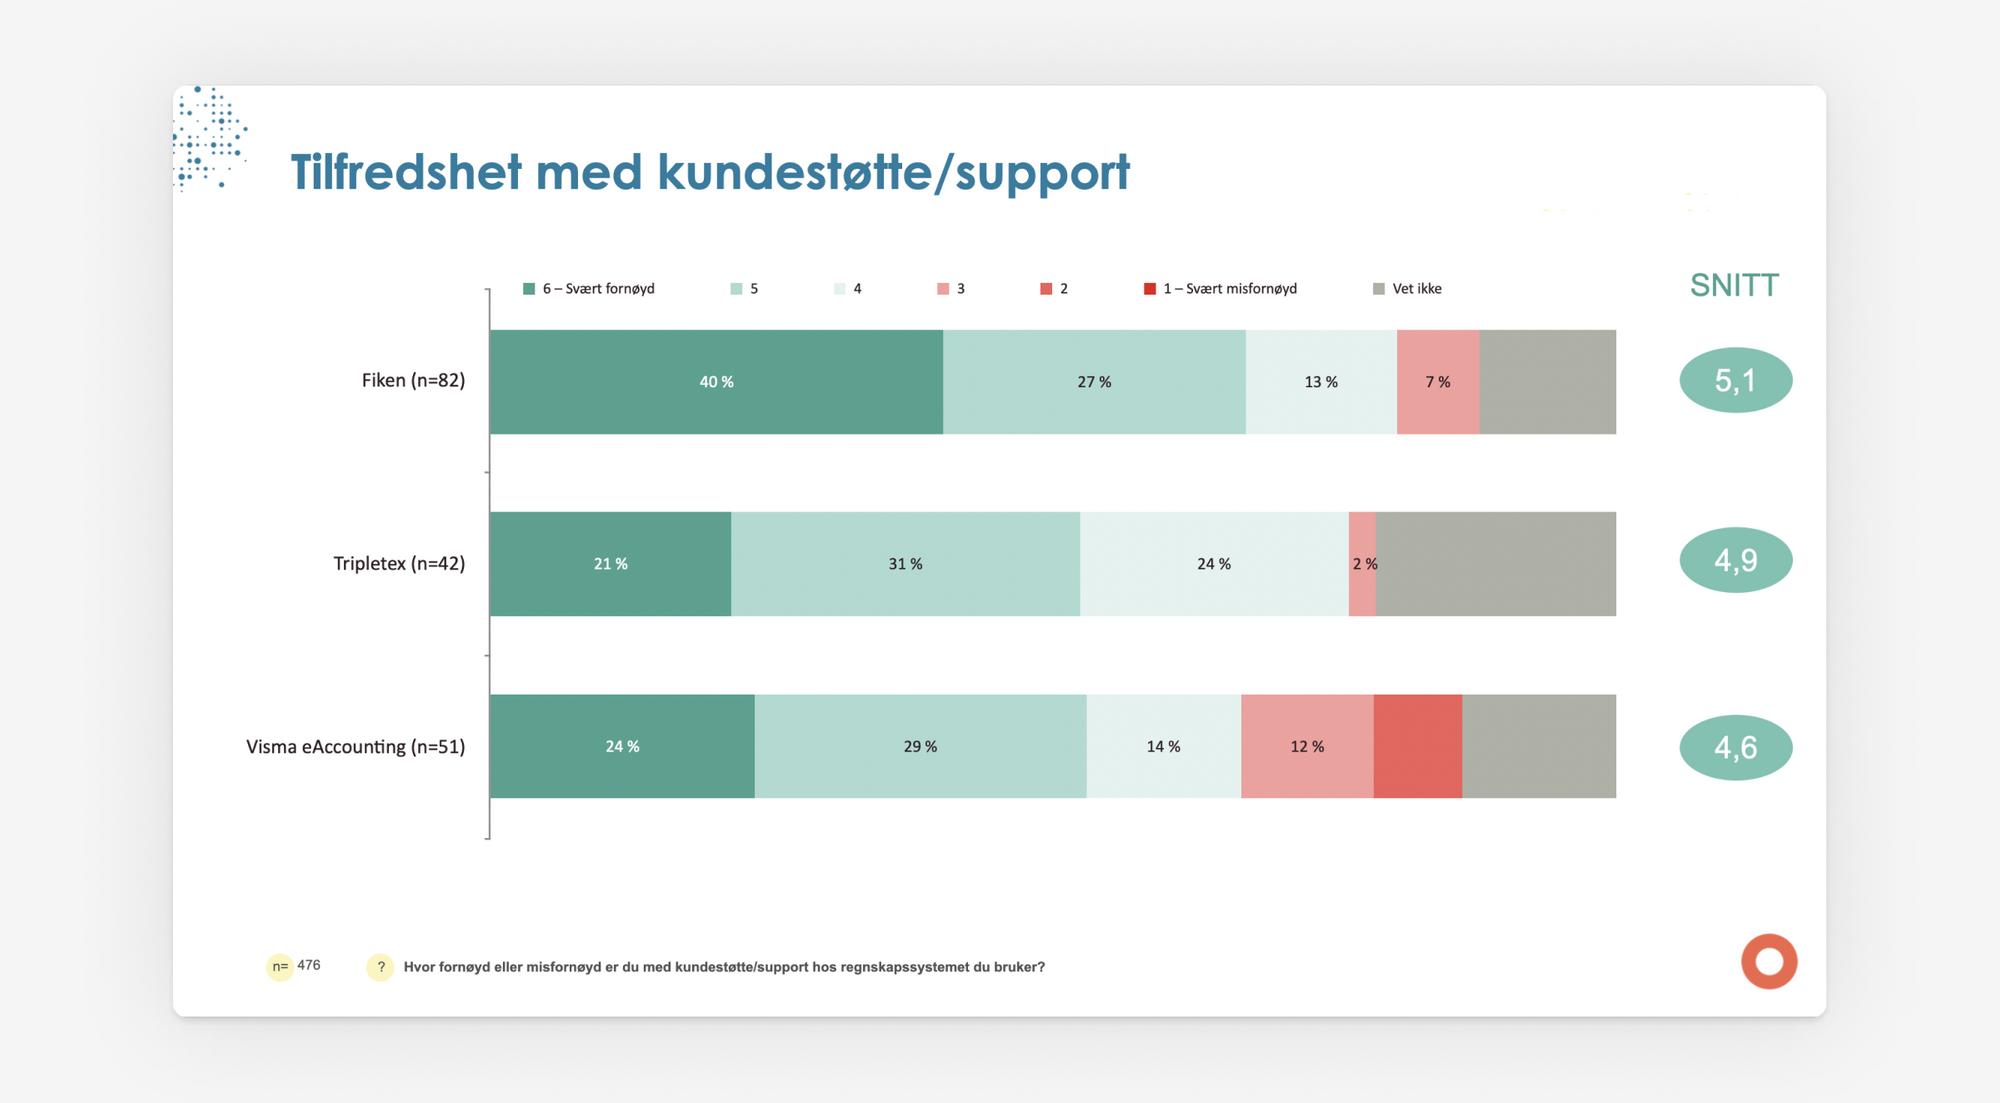 Grafikk som prosentvis viser hvor tilfreds brukerne av Fiken, Tripletex og Visma eAccounting er med kundestøtte/support